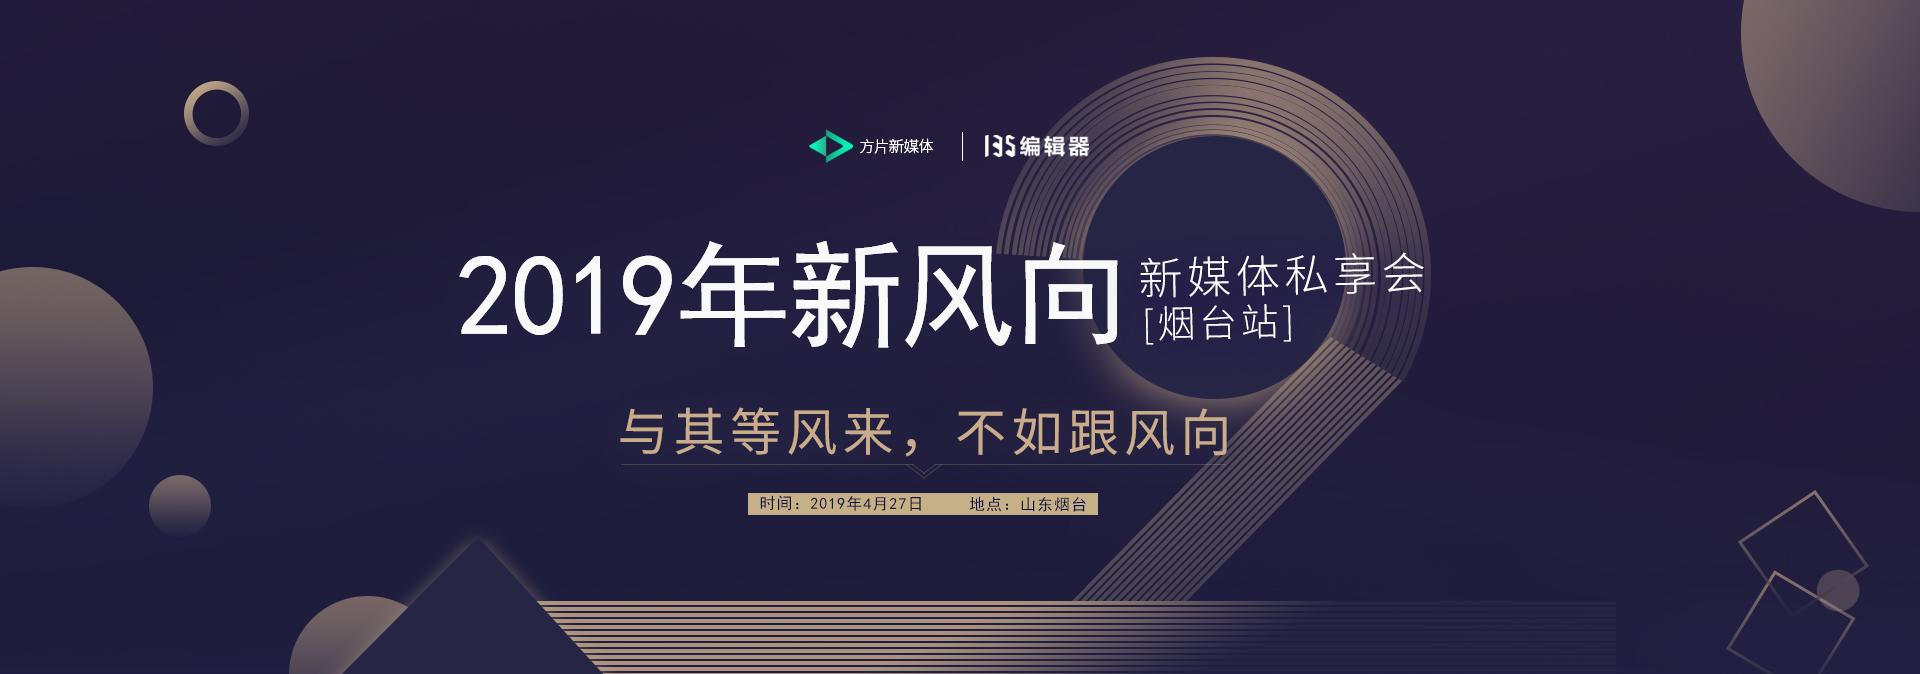 2019新风向-新媒体私享会(烟台站)